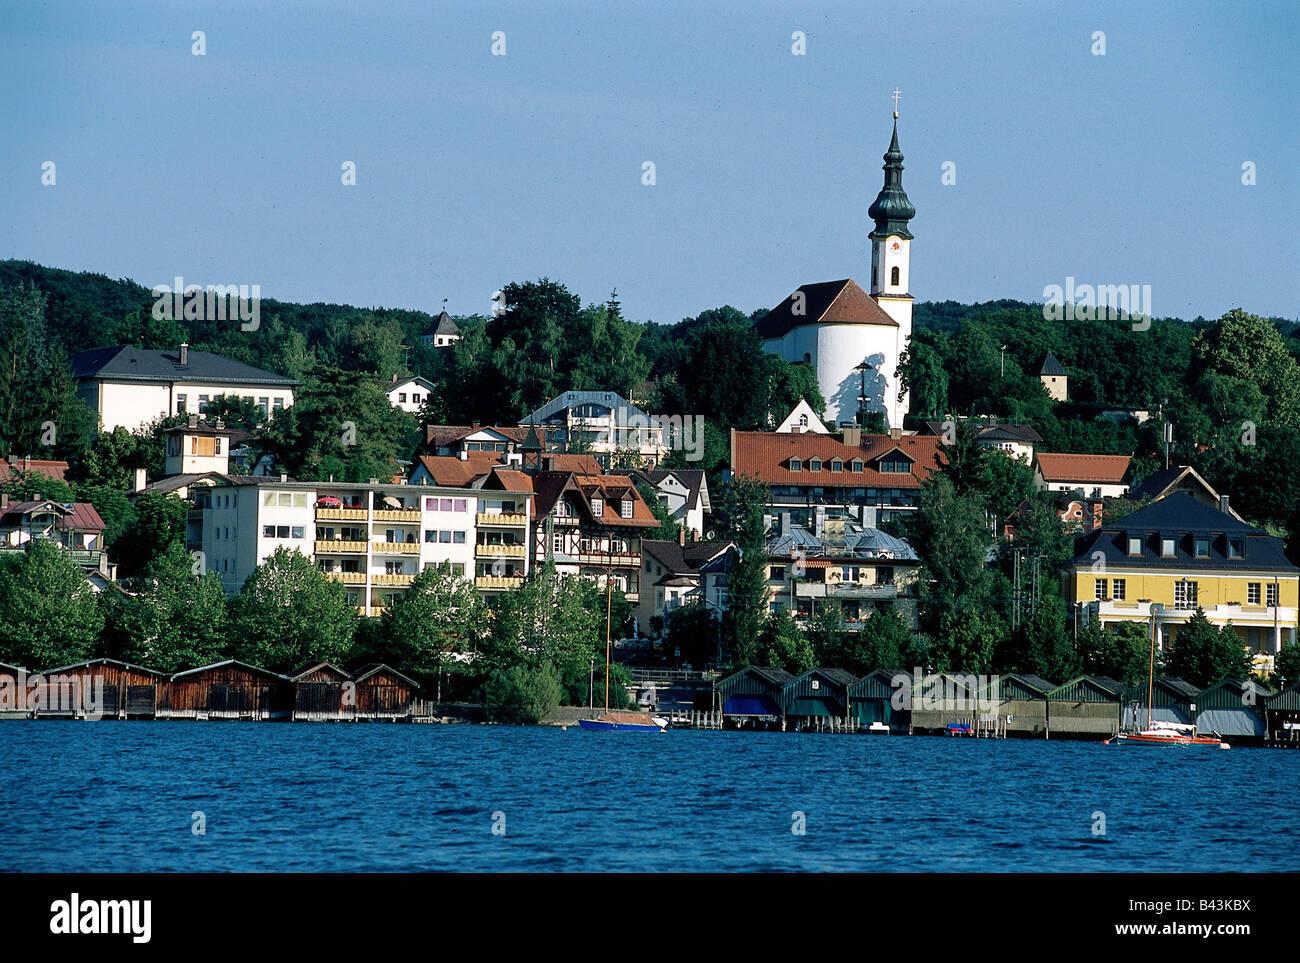 geographie reisen deutschland bayern starnberg blick auf die stadt stadtansicht. Black Bedroom Furniture Sets. Home Design Ideas